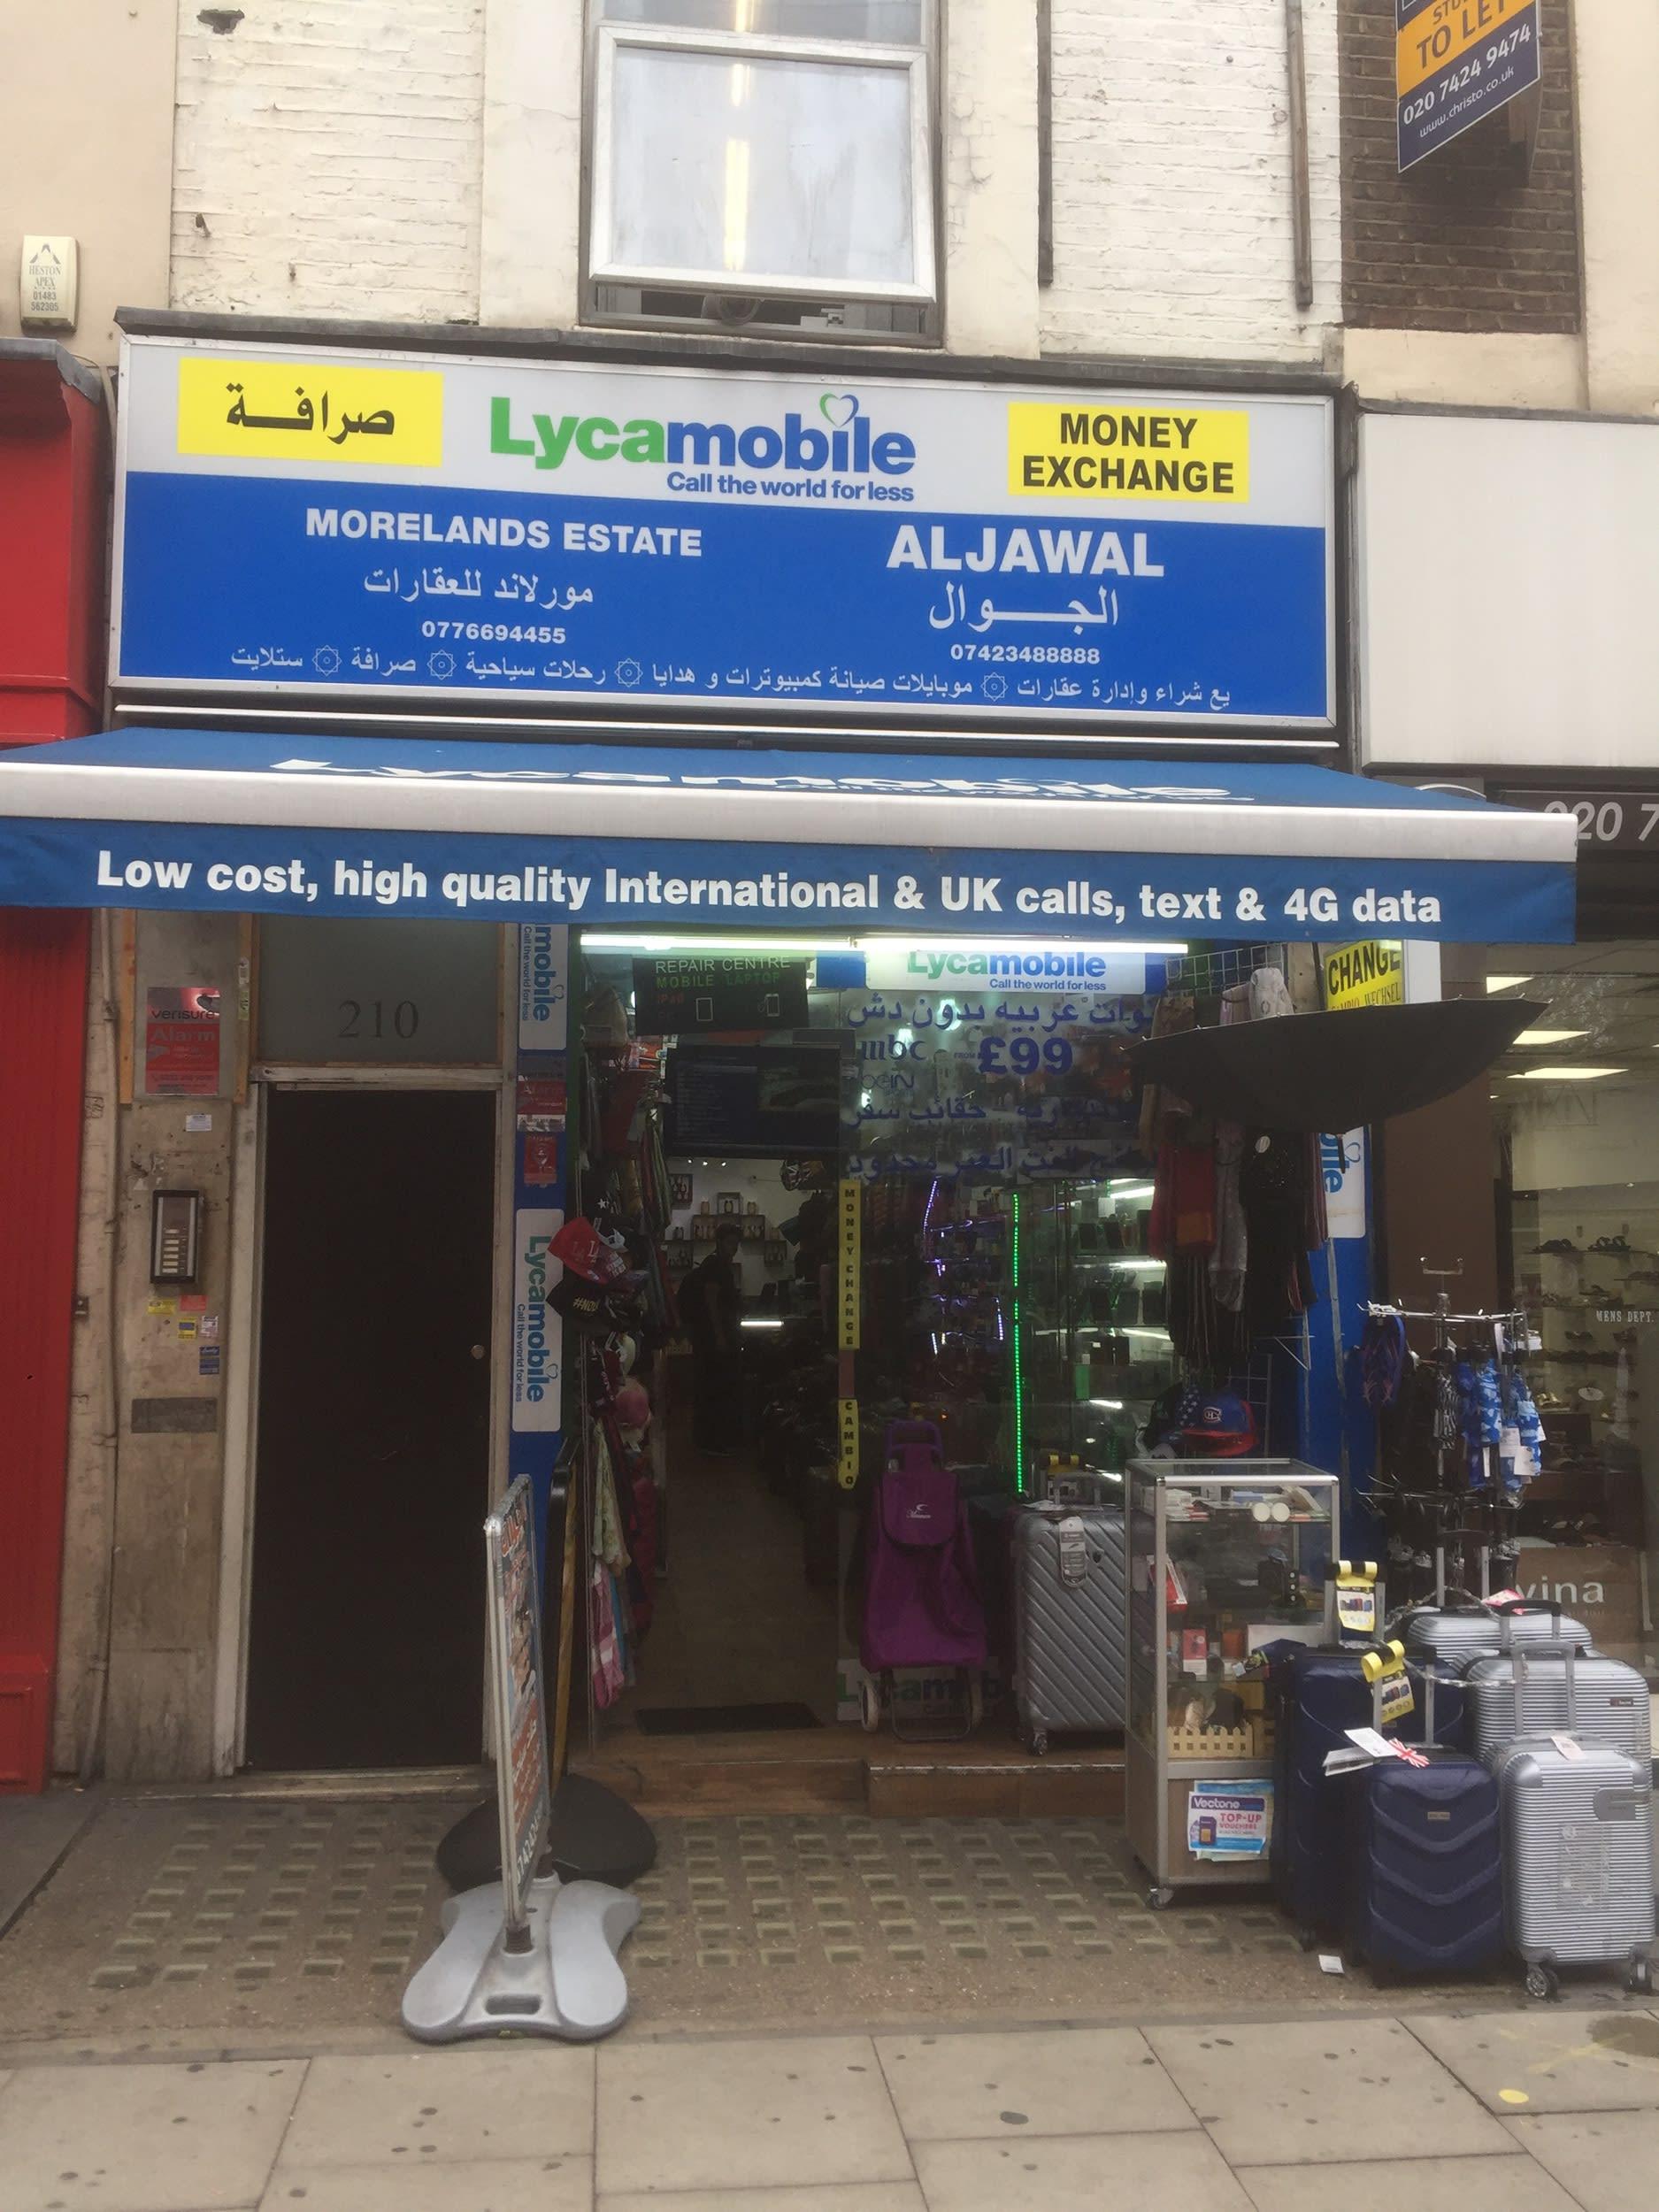 Aljawal Mobile